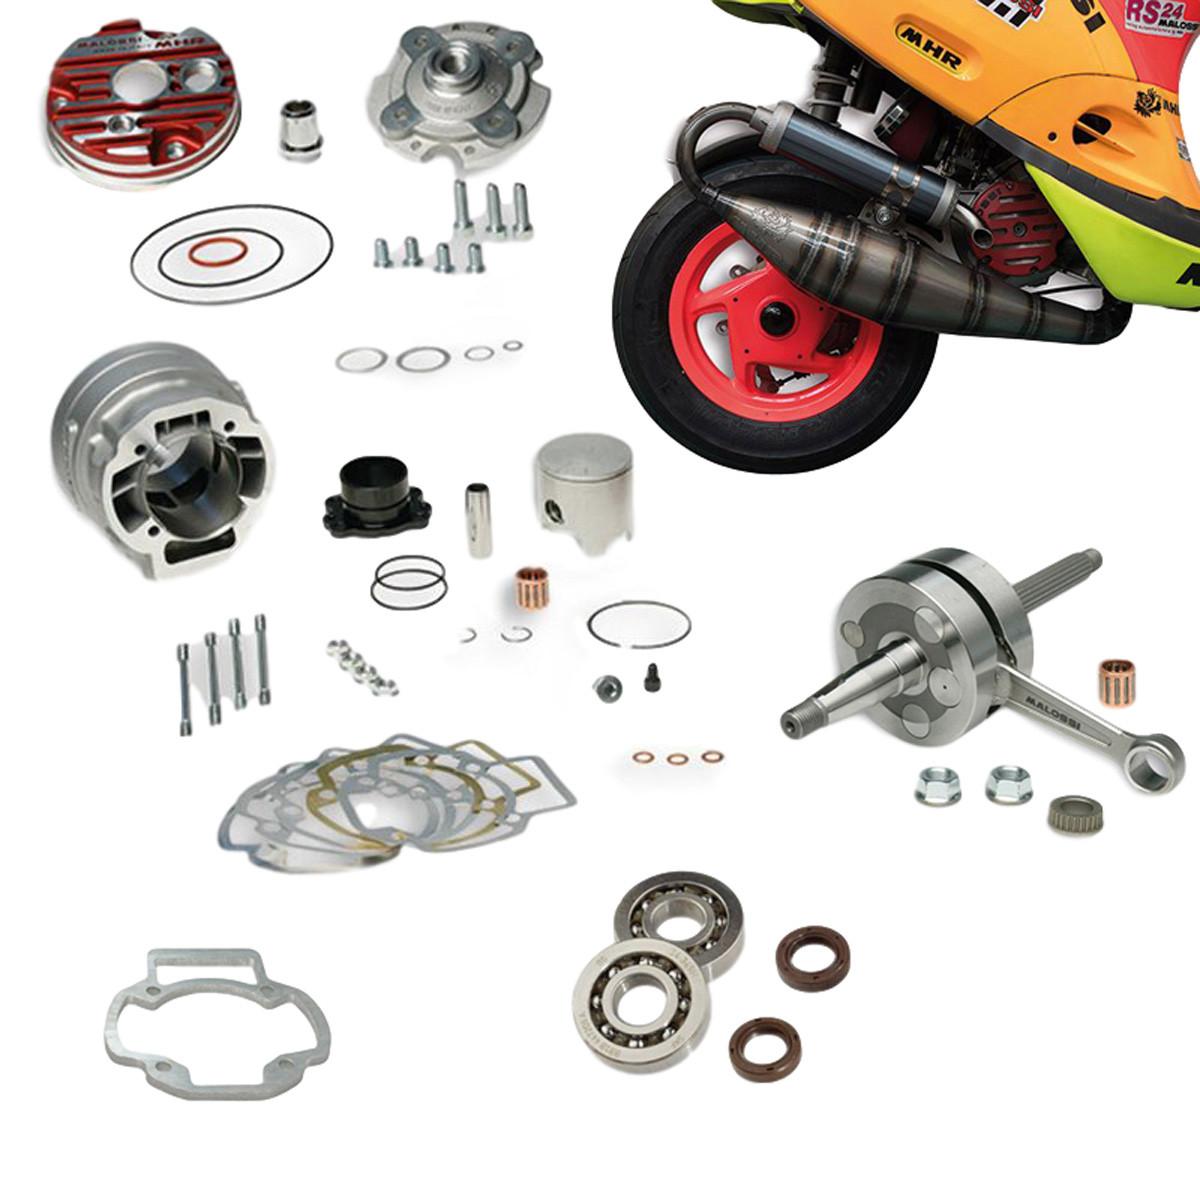 Pack Moteur & Pot 94cc LC PIAGGIO - MALOSSI MHR Big Bore Testa Rossa ///  Bixess™